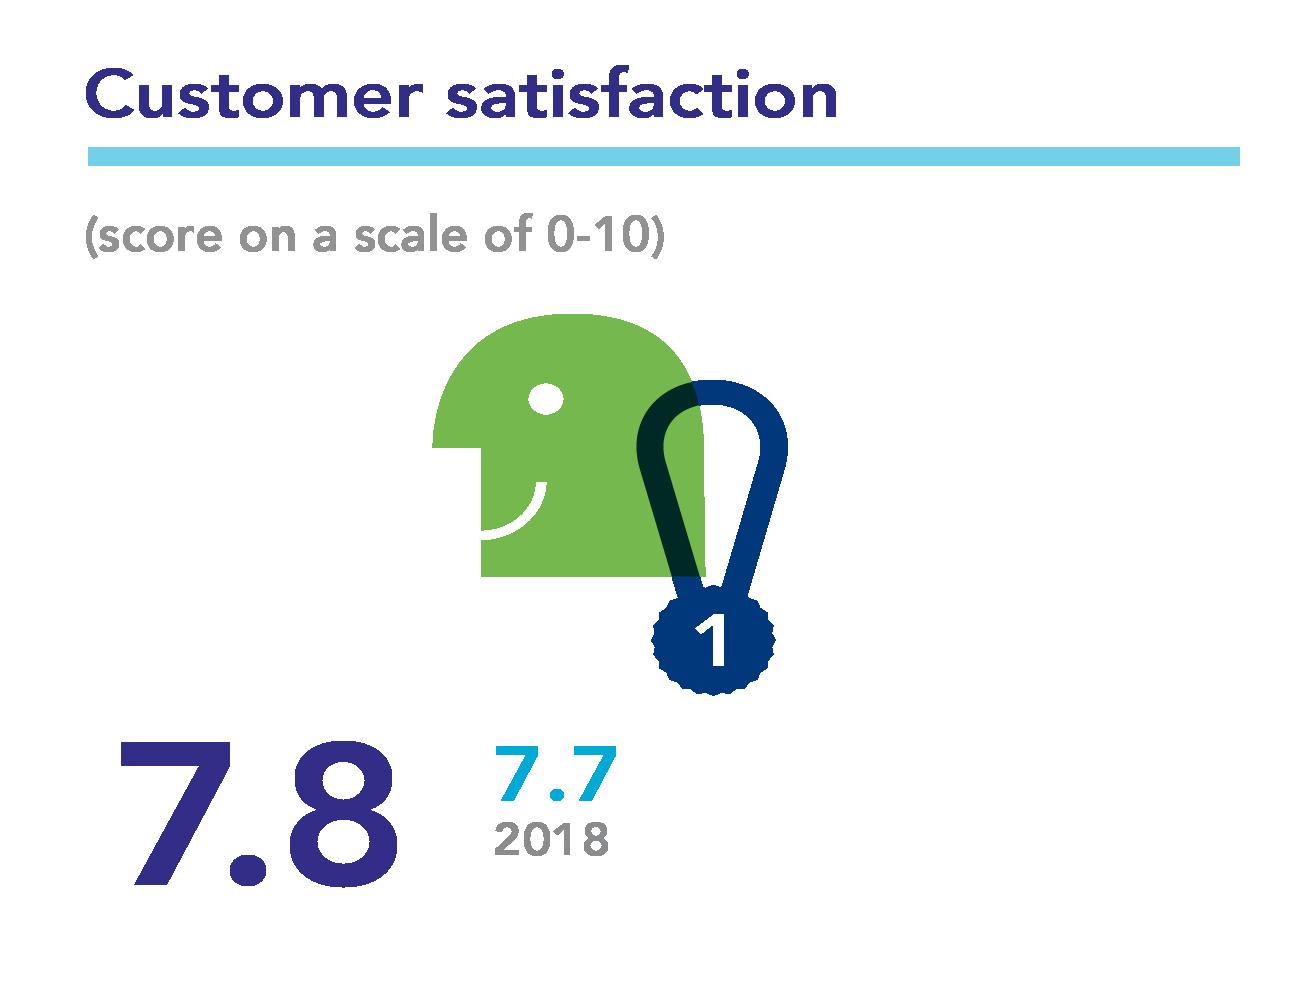 Baken Customer Satisfaction